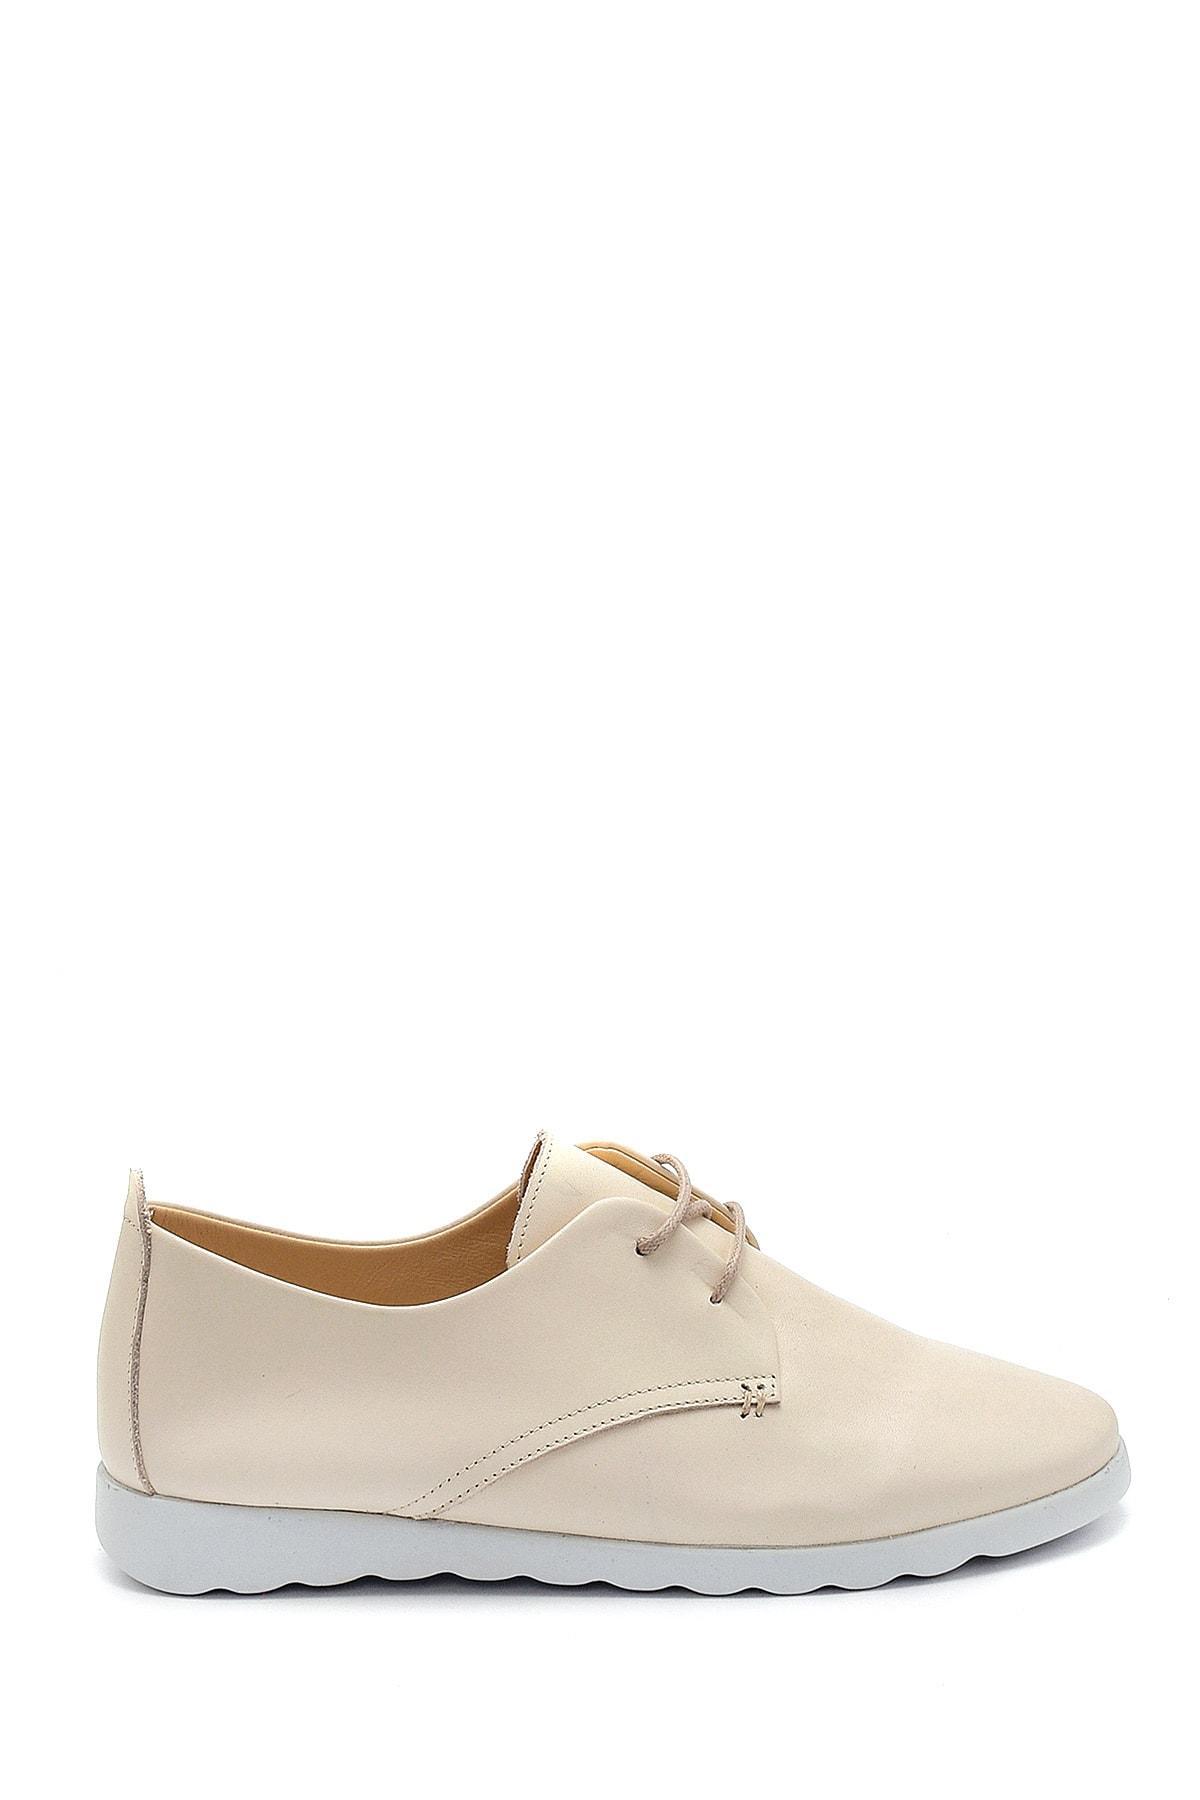 Kadın Deri Oxford Ayakkabı